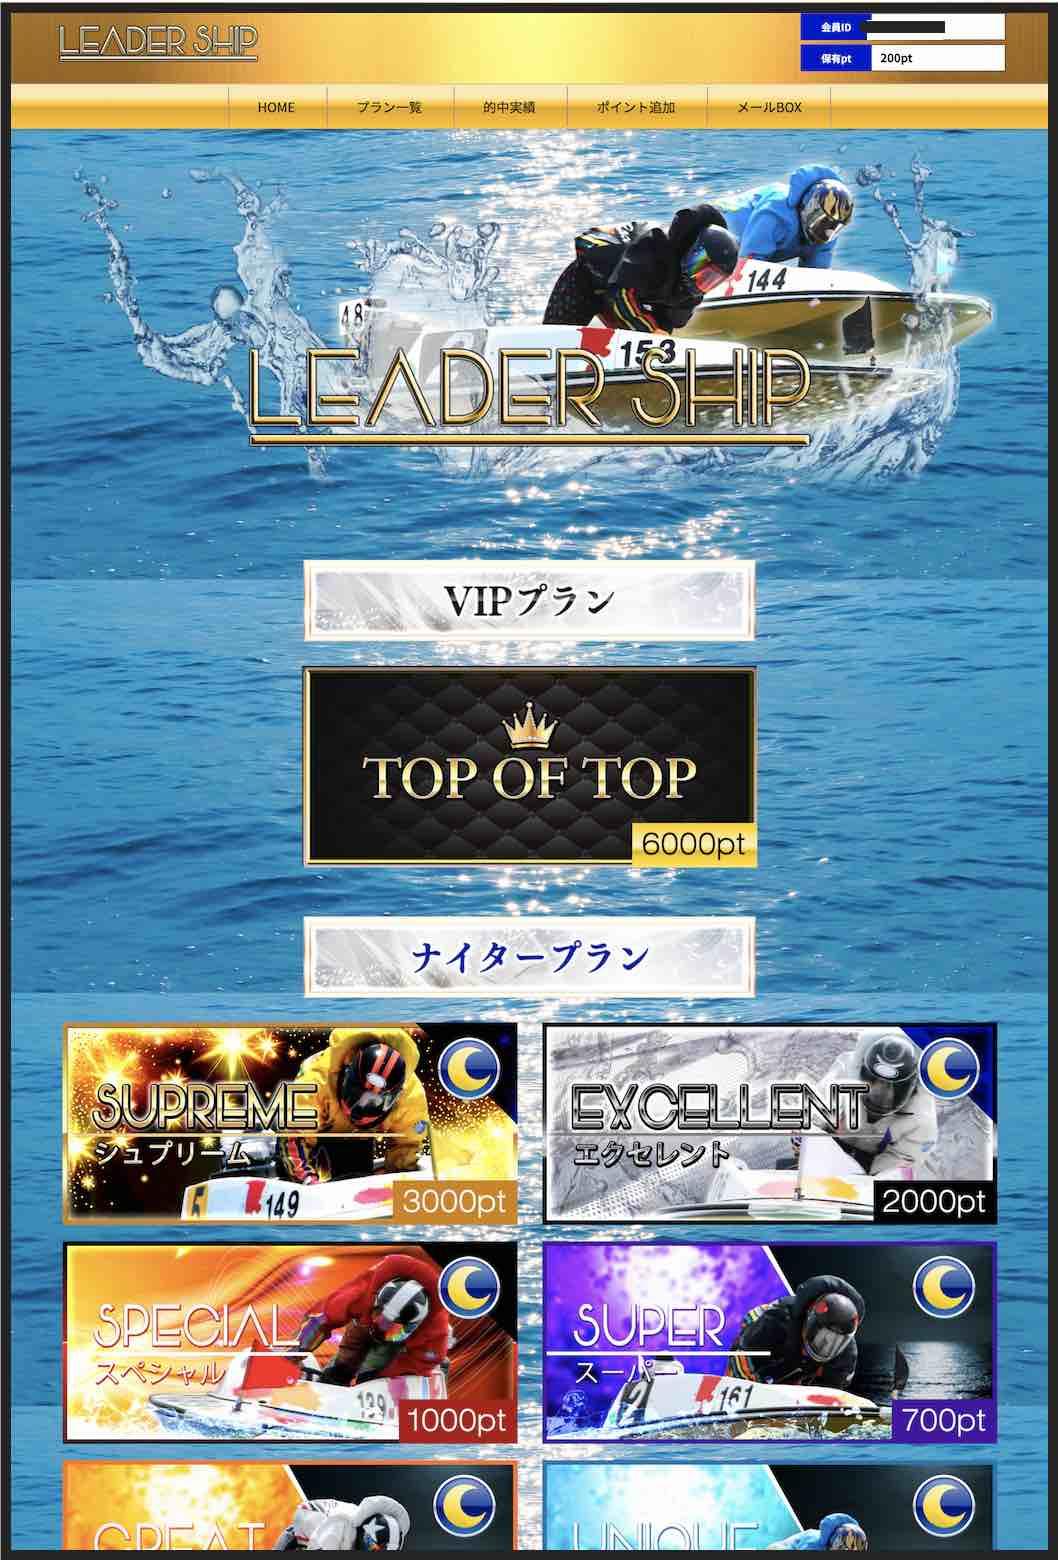 リーダーシップ(LEADERSHIP)という競艇予想サイトの会員ページ